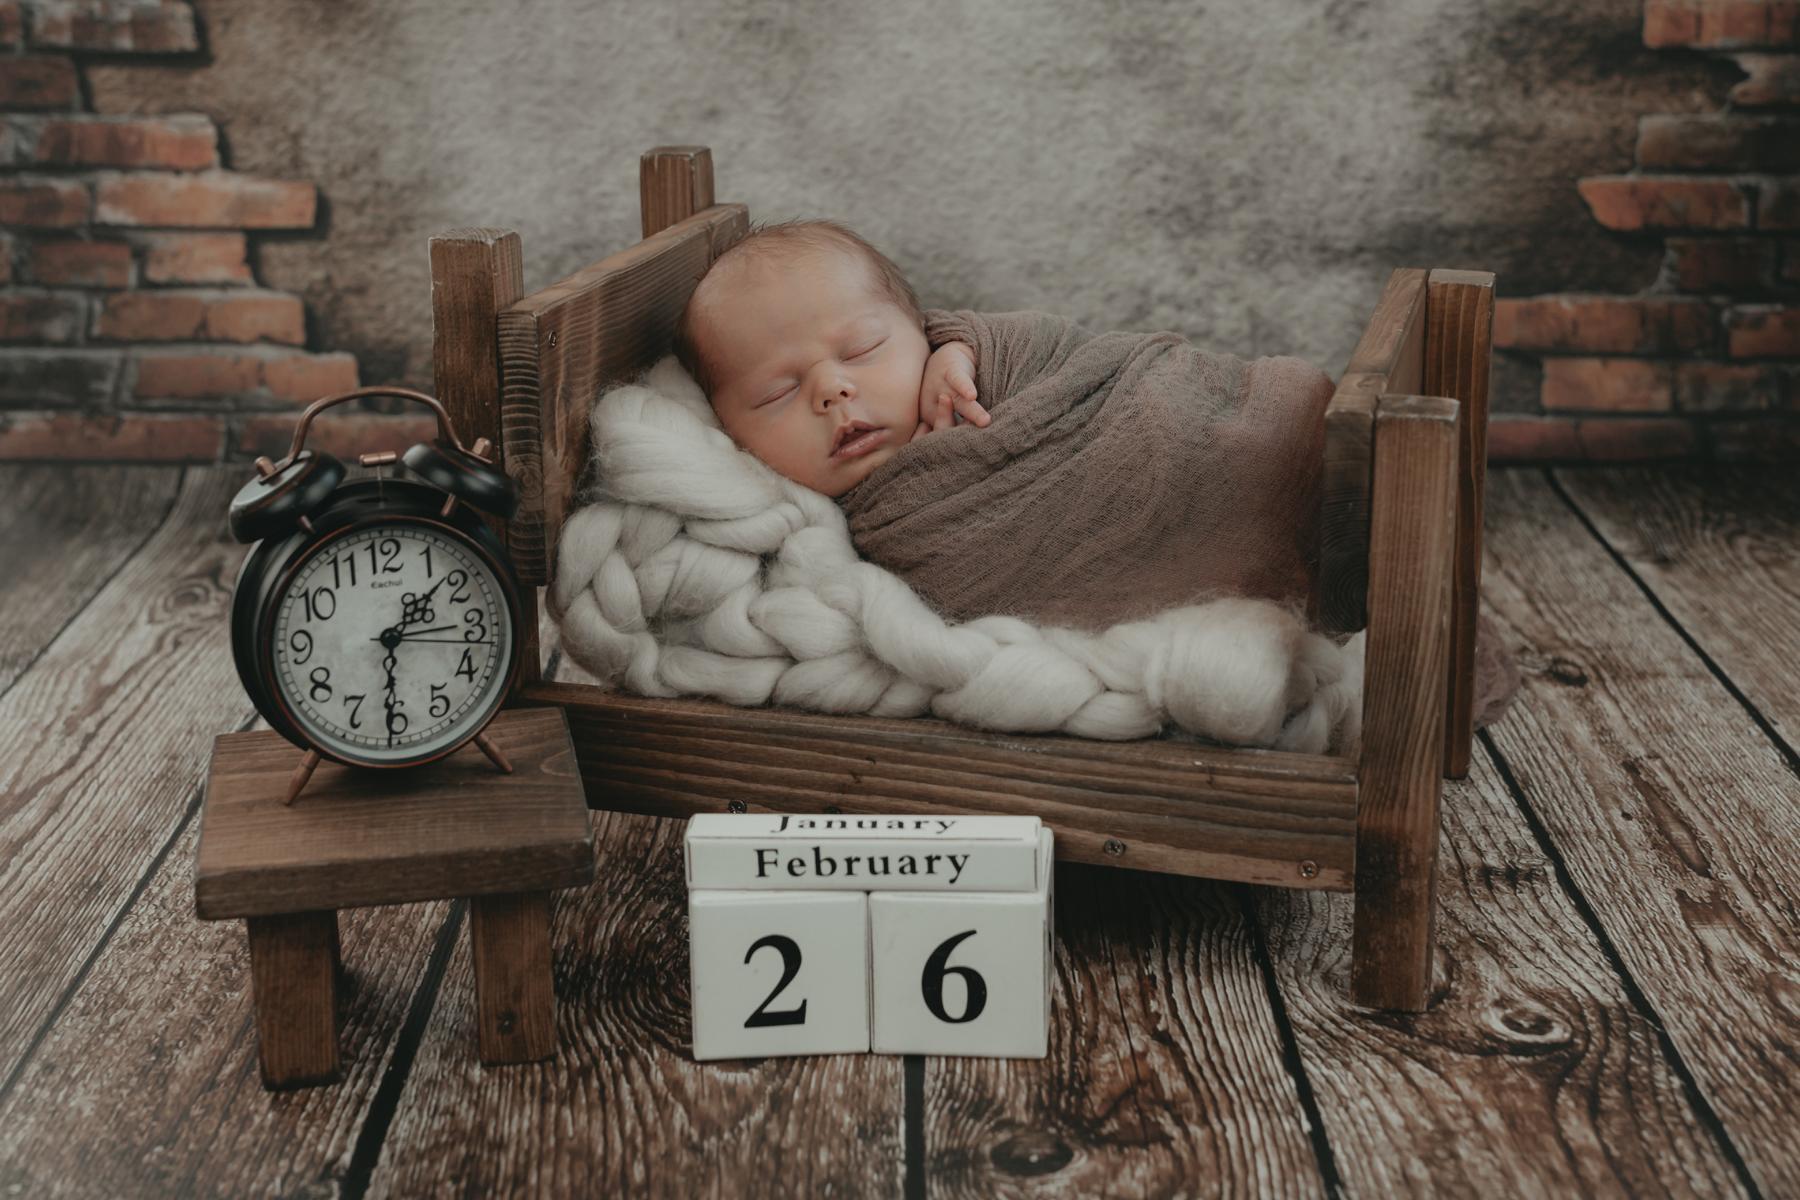 Neugeborenen Fotoshooting Schneverdingen, Baby Fotoshooting Zeven, Babyshooting Tostedt, Newborn Foto Shooting Rotenburg Wümme, Babybilder Scheeßel, Newborn